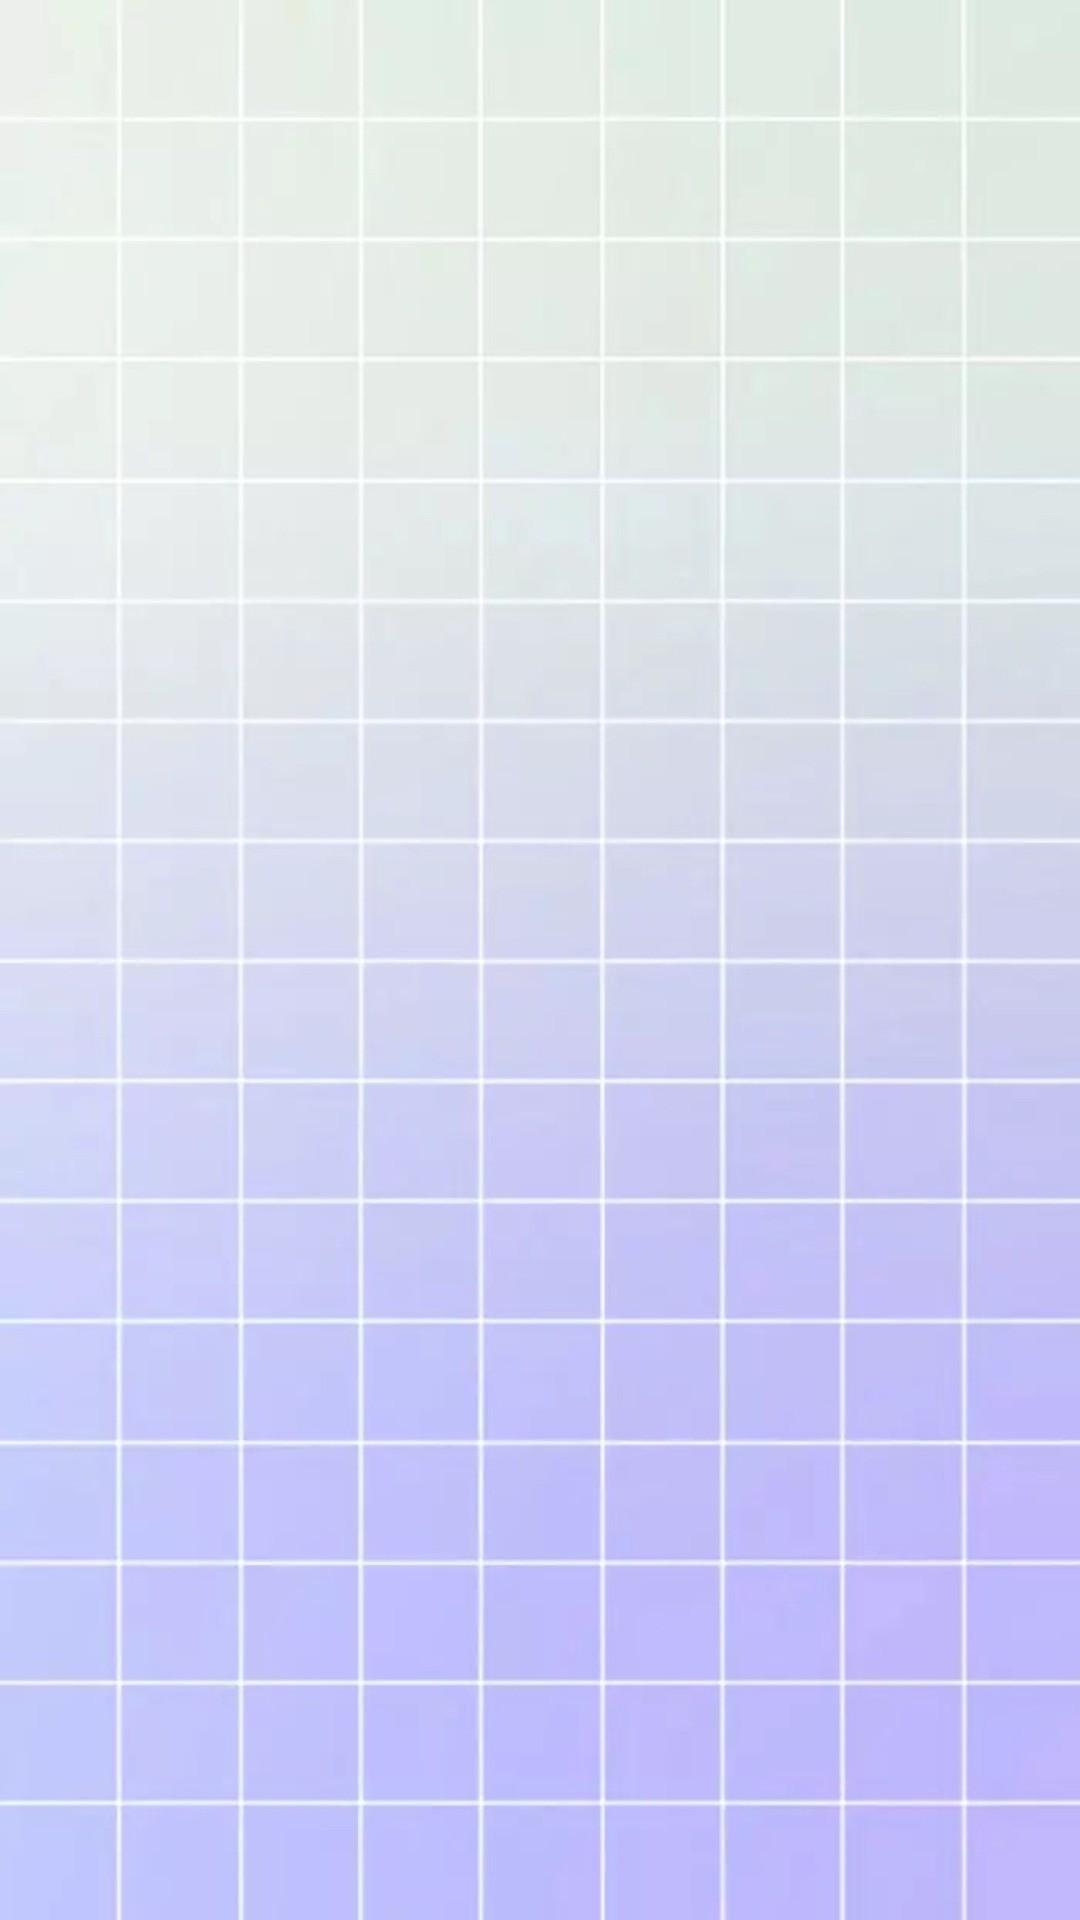 pastel colors wallpaper (55+ images)